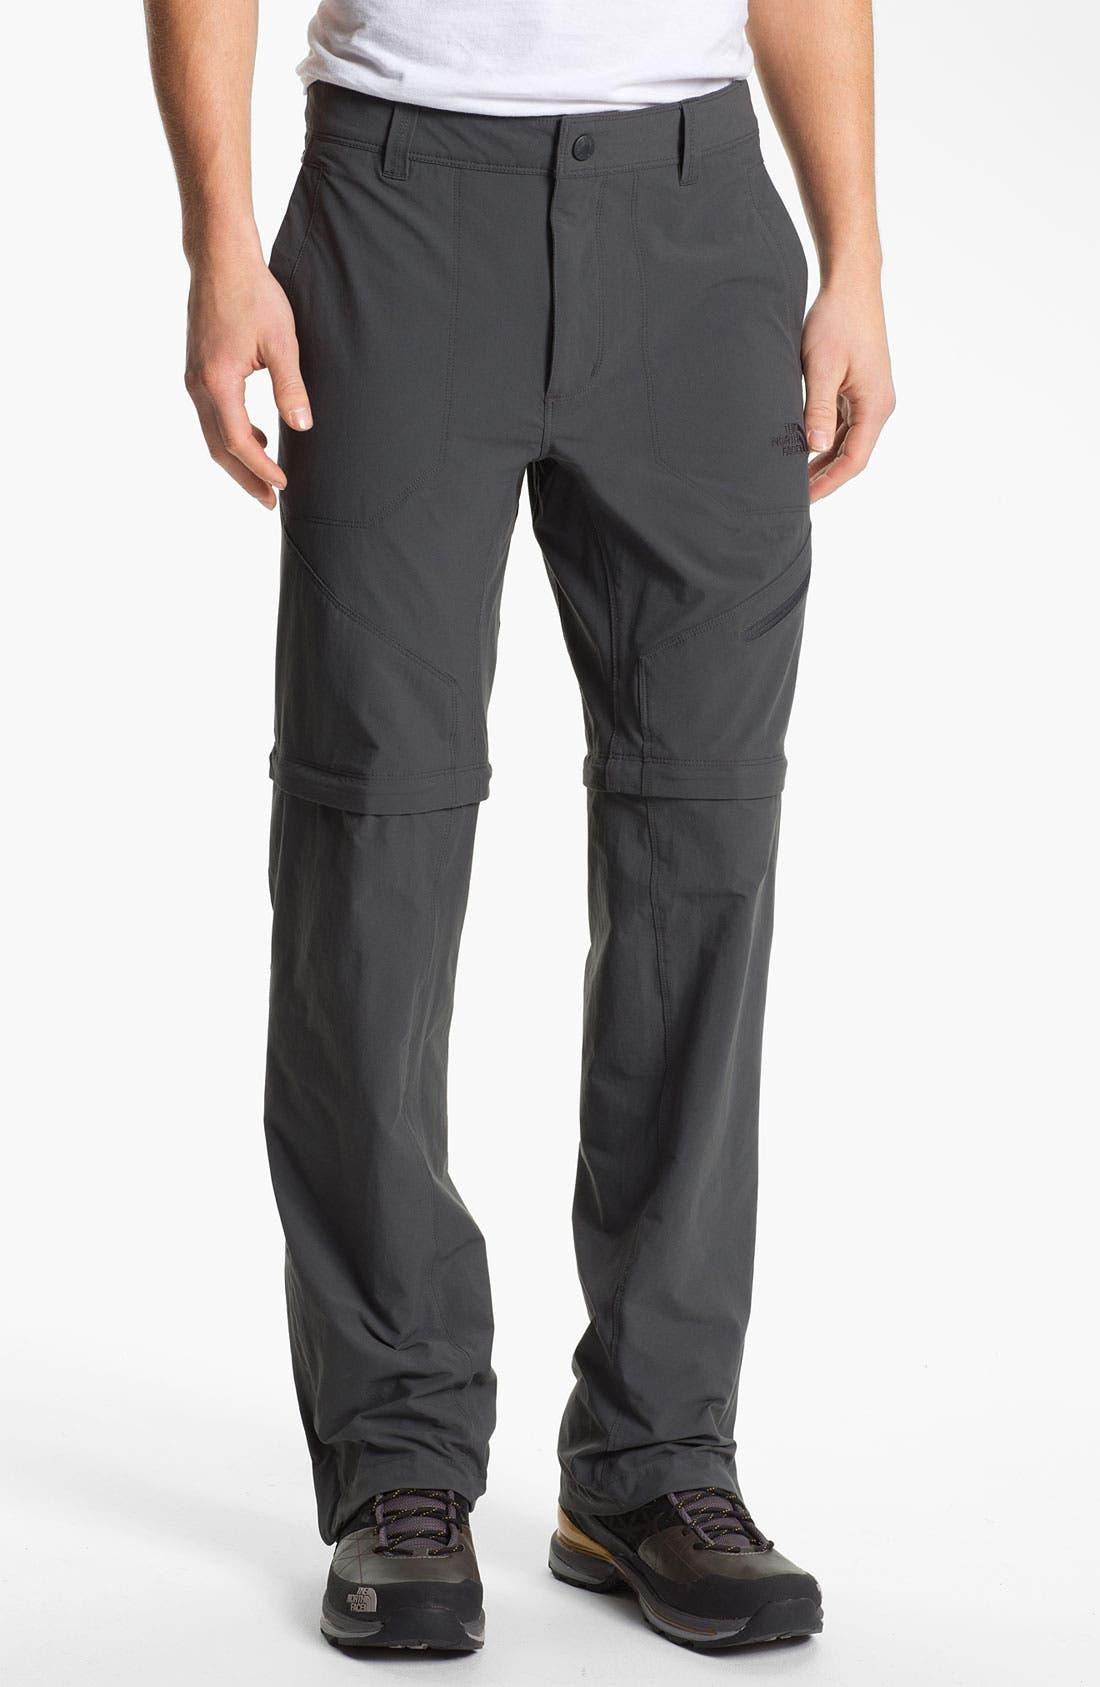 Main Image - The North Face 'Taggart' Convertible Pants